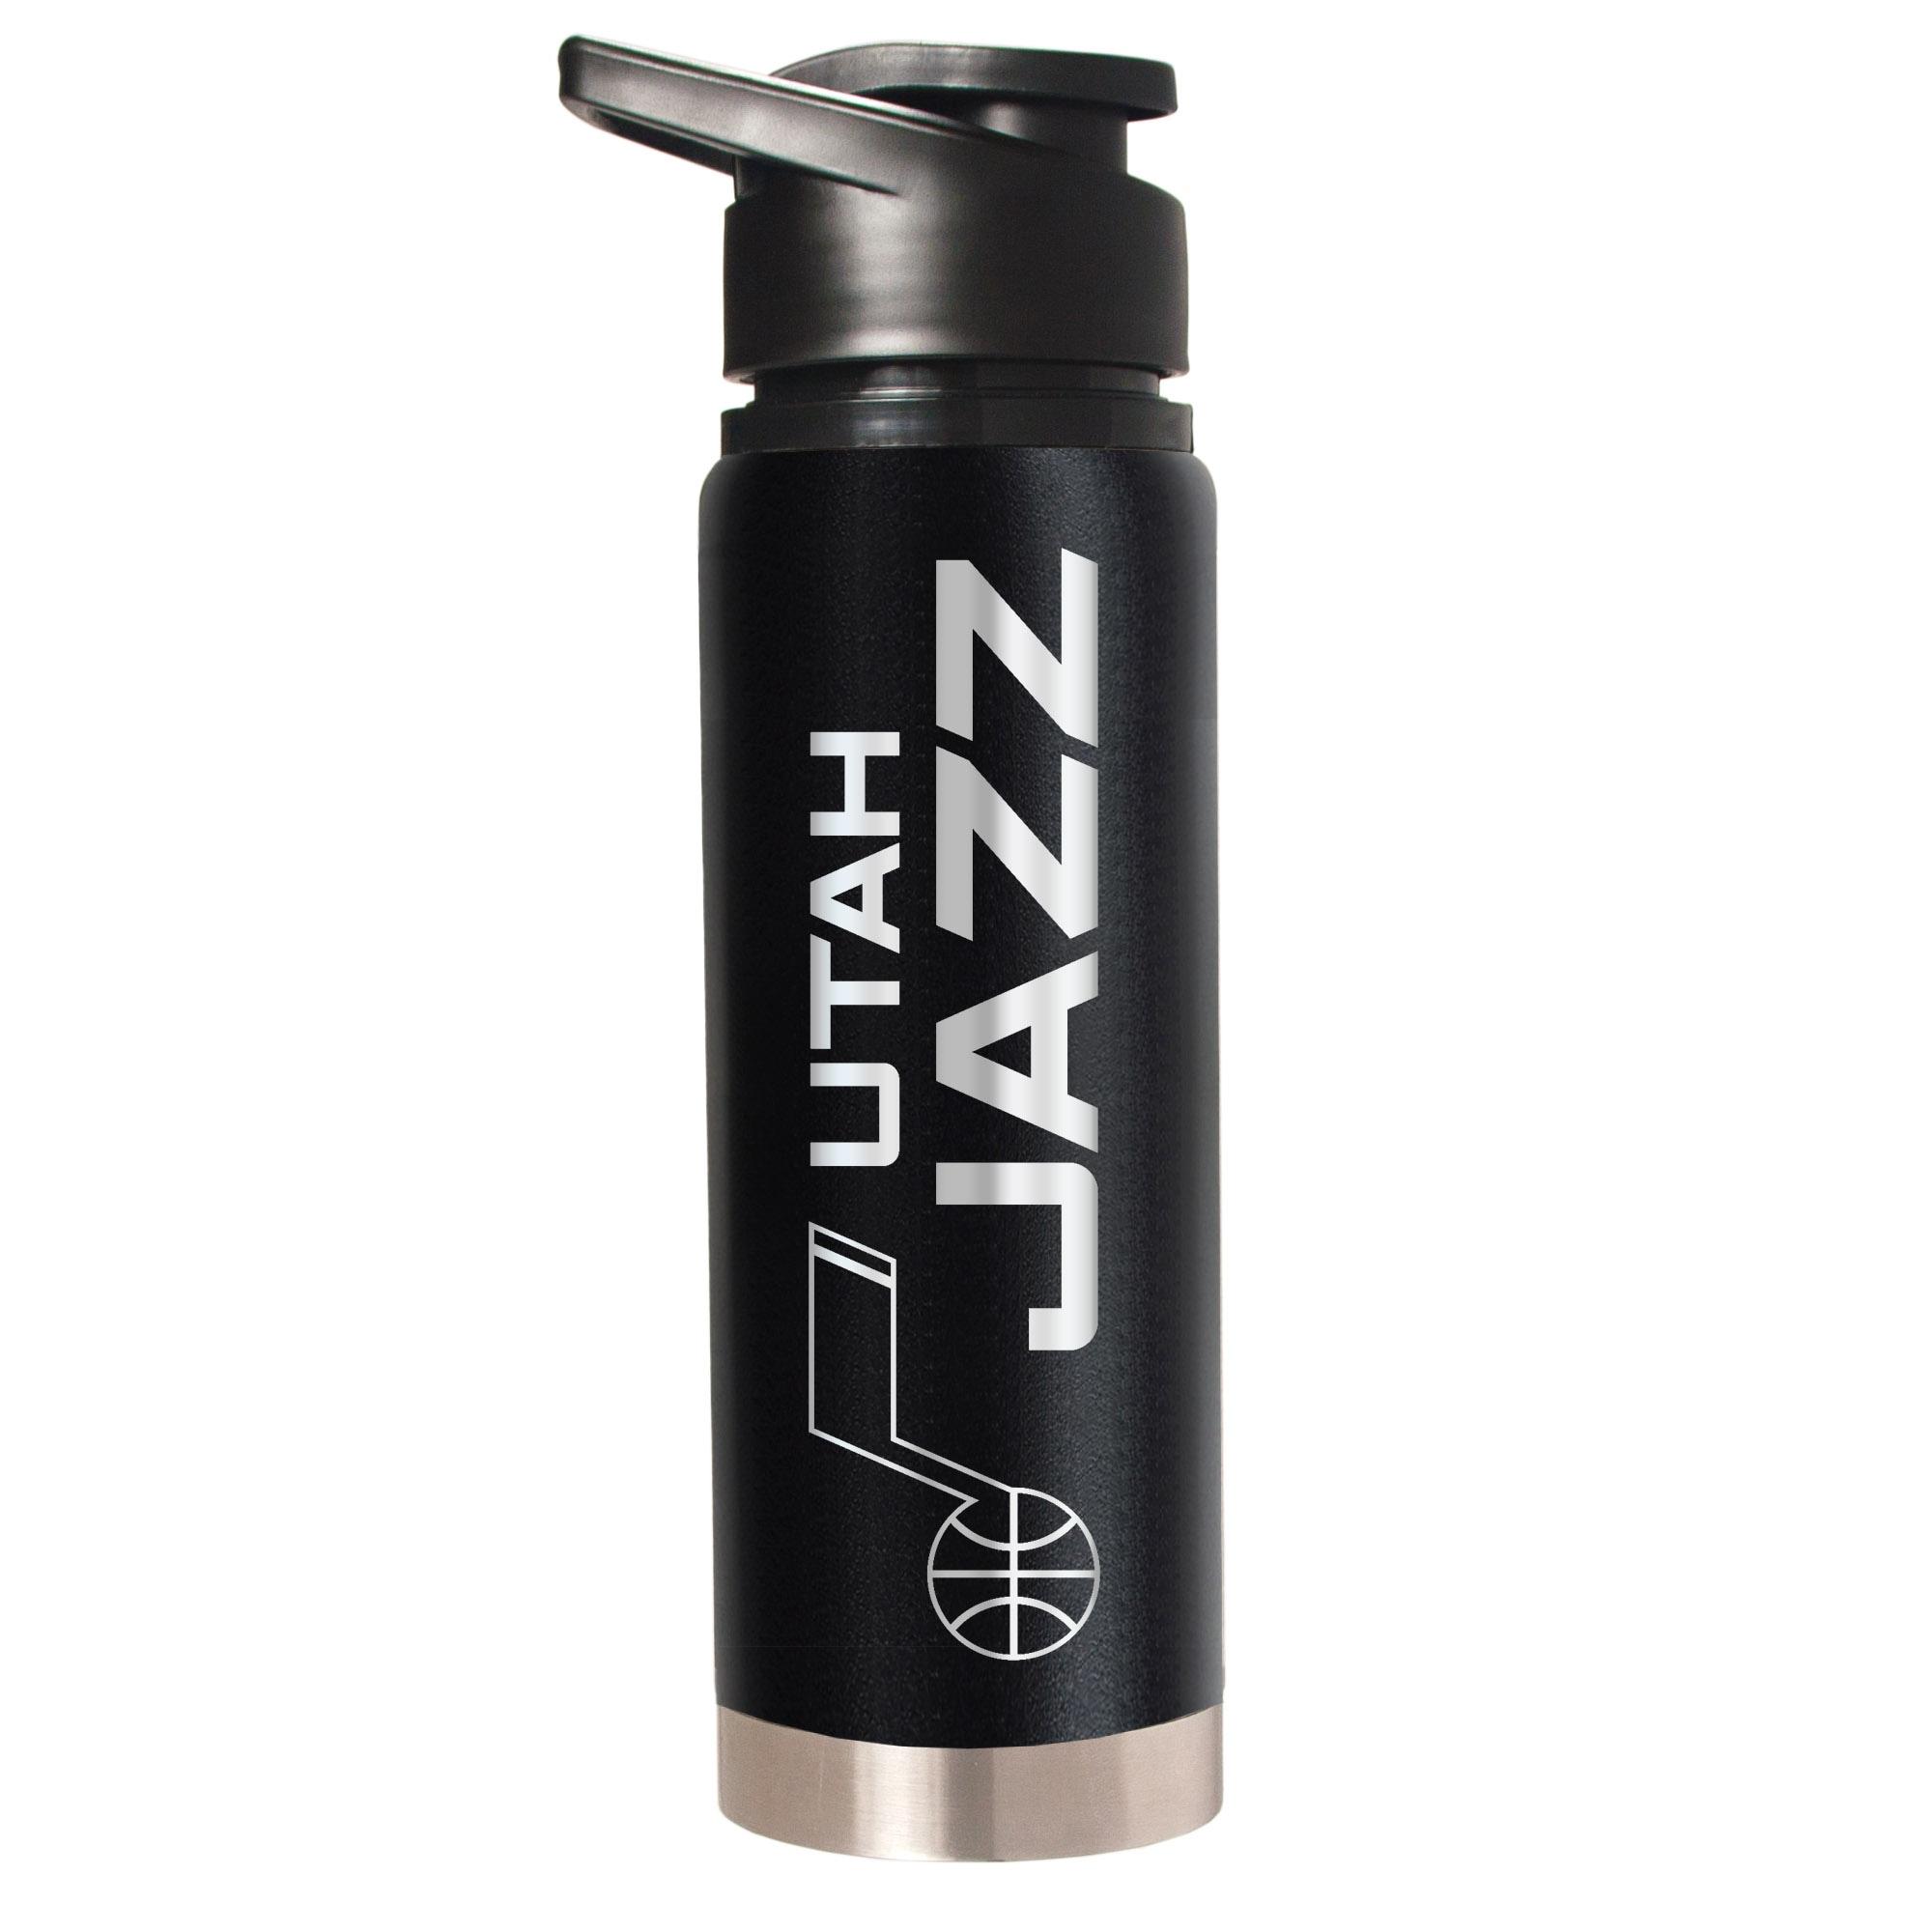 Utah Jazz 20oz. Stealth Water Bottle